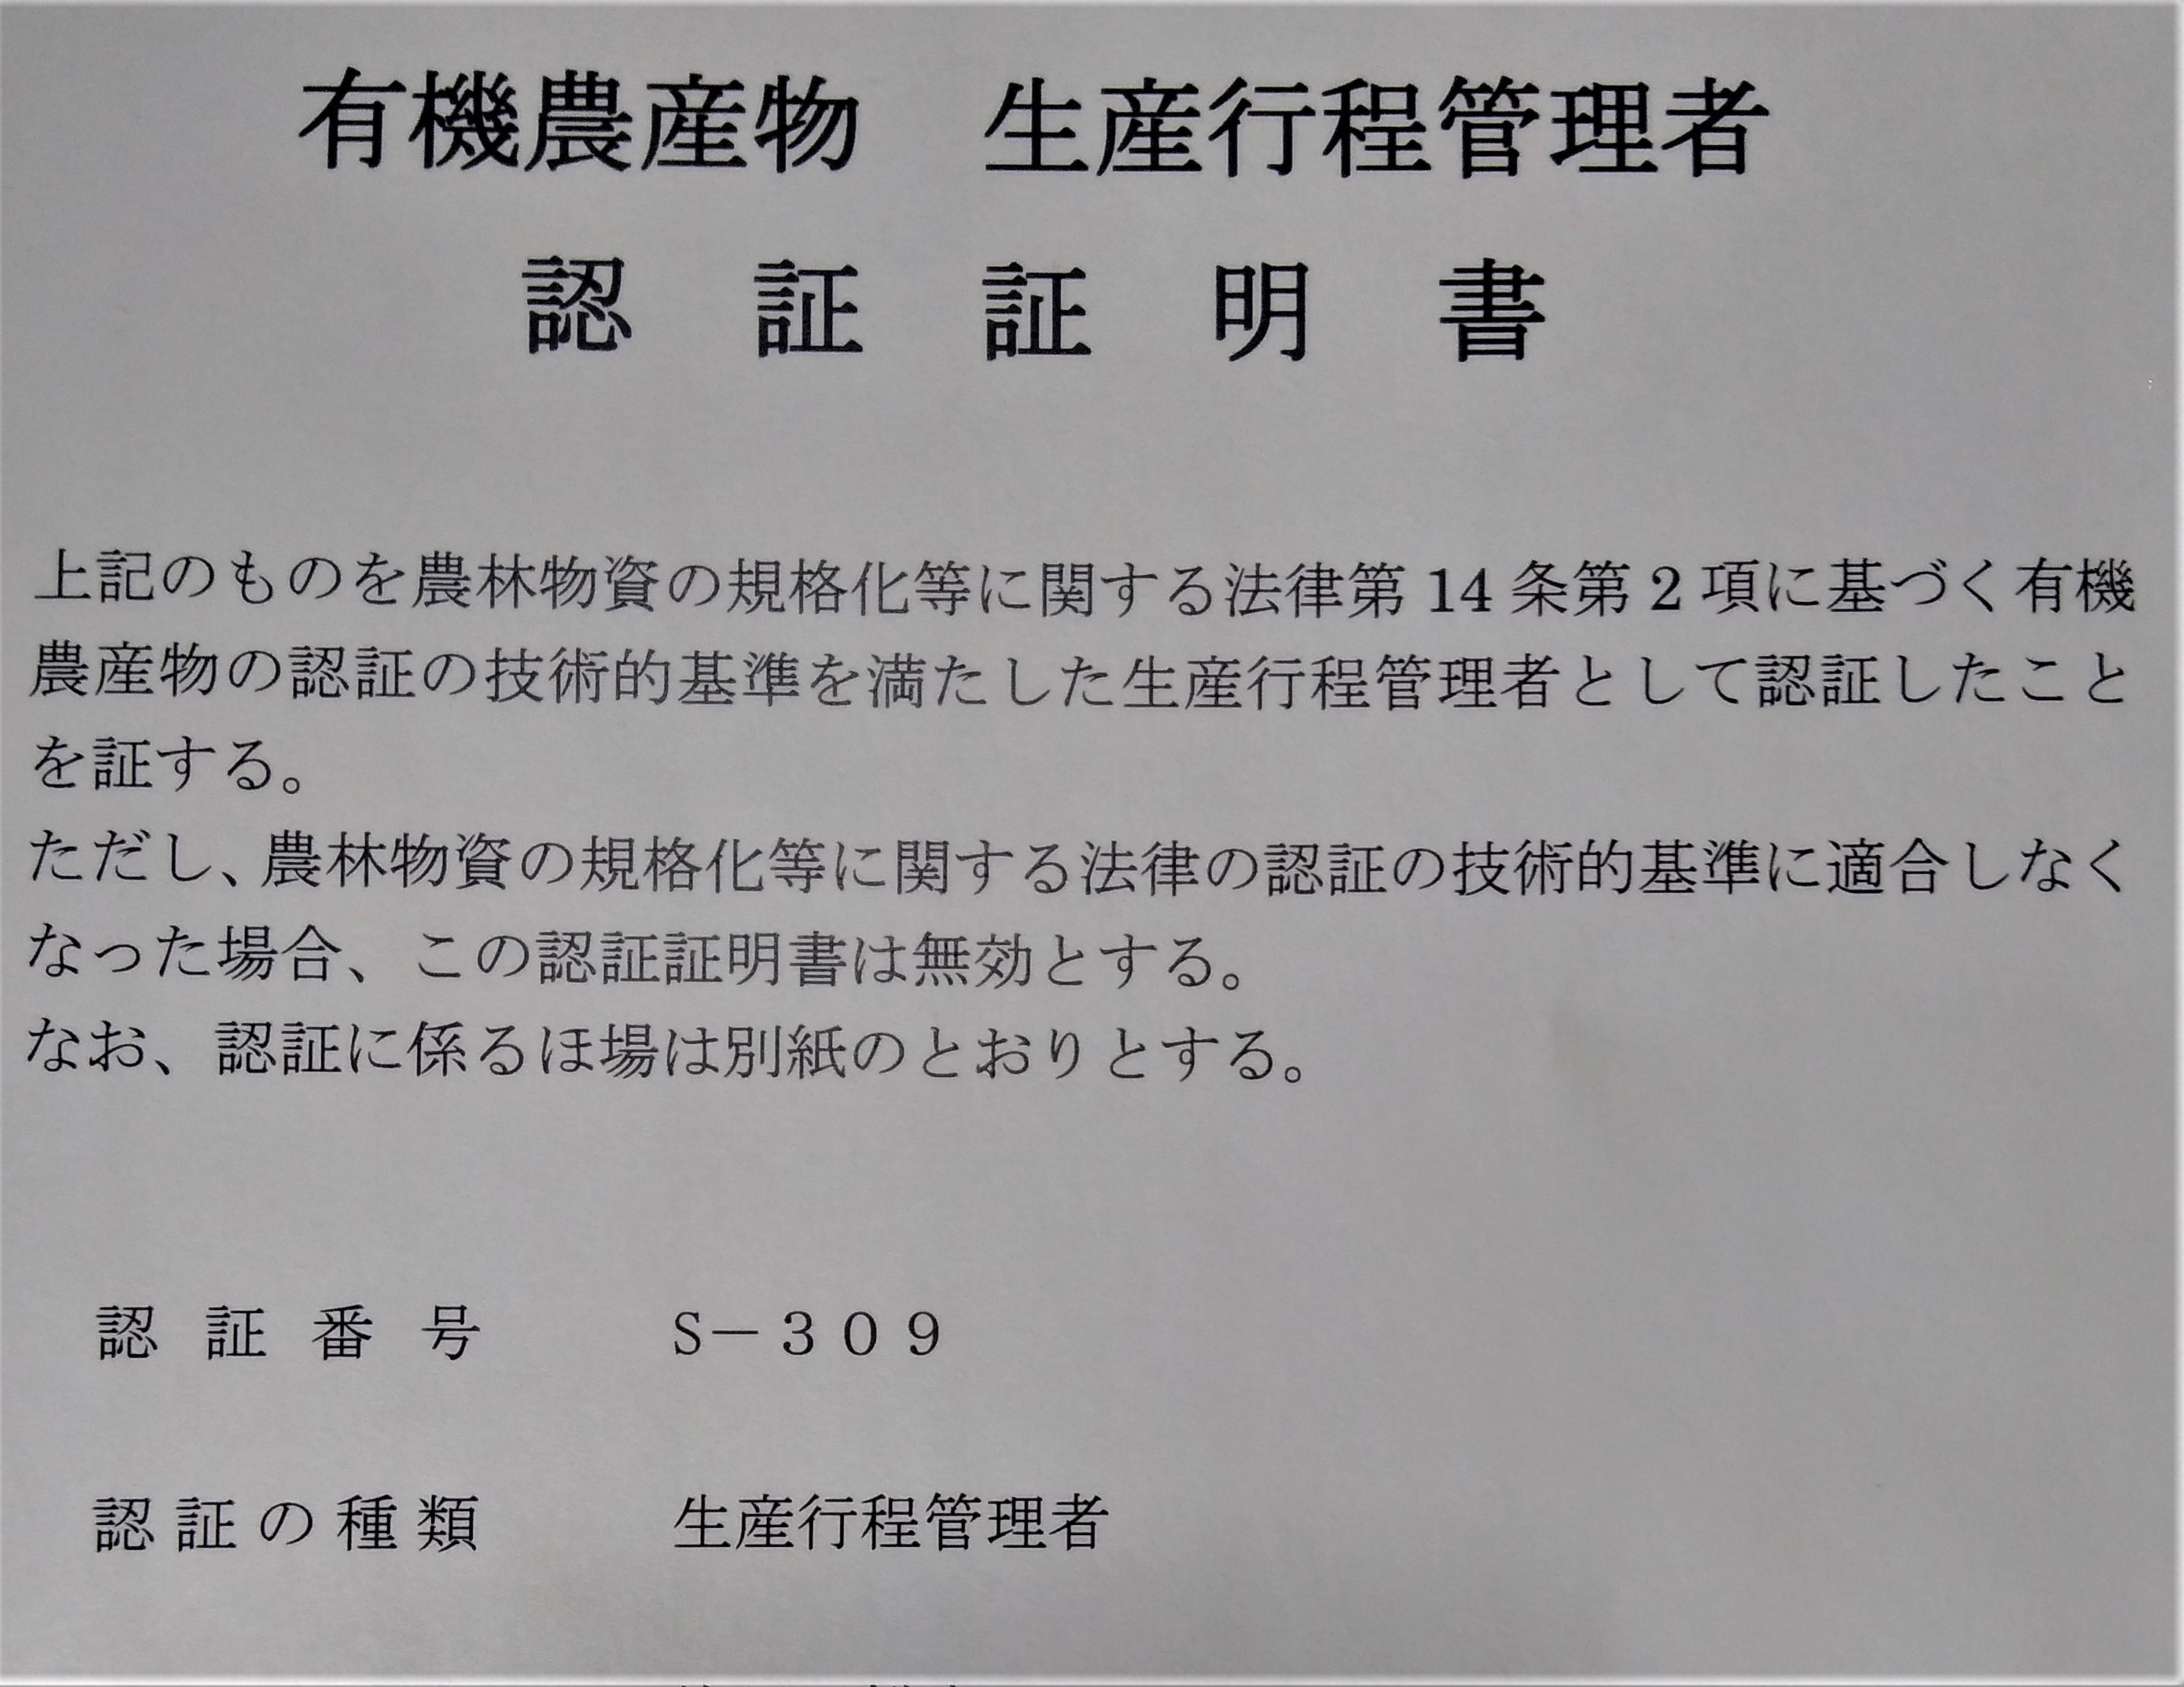 【有機JAS認証取得】